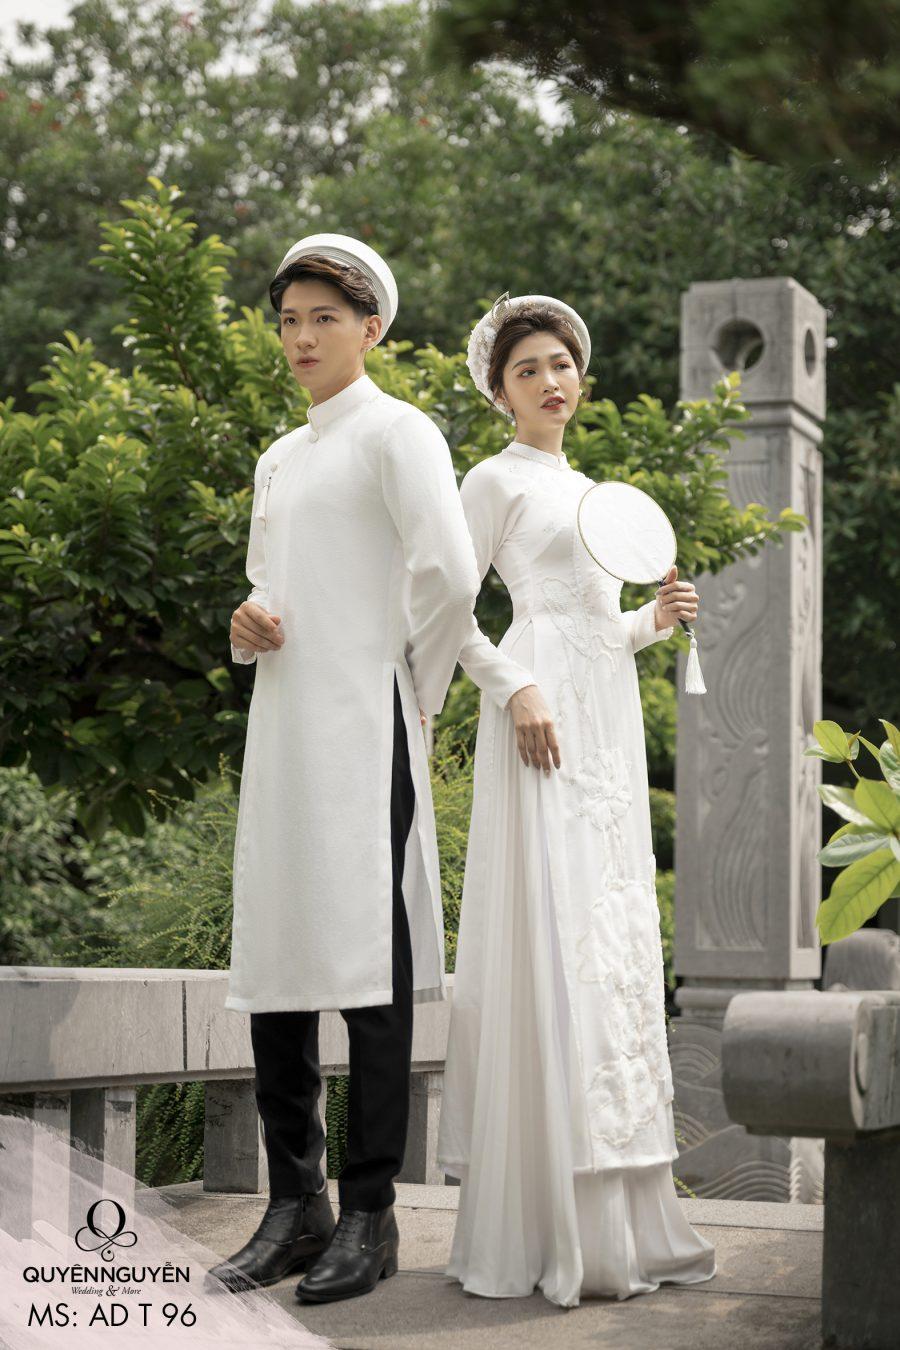 Xưởng may áo dài Hà Nội vừa đẹp, giá cả lại hợp lý!